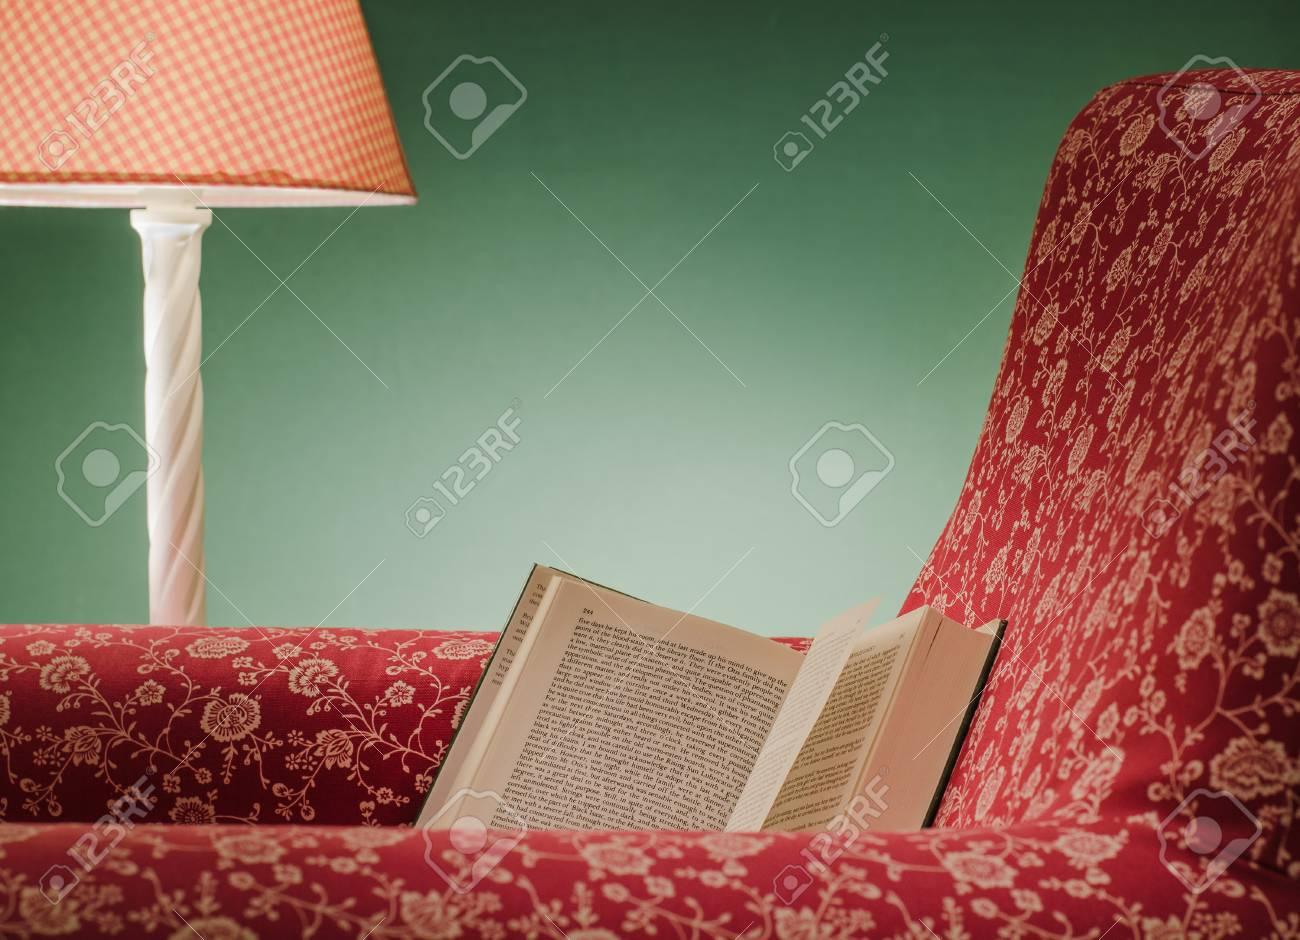 Livre ouvert sur le repos du fauteuil rouge à gauche après lecture, avec fond vert et lampe rose. Banque d'images - 85657390